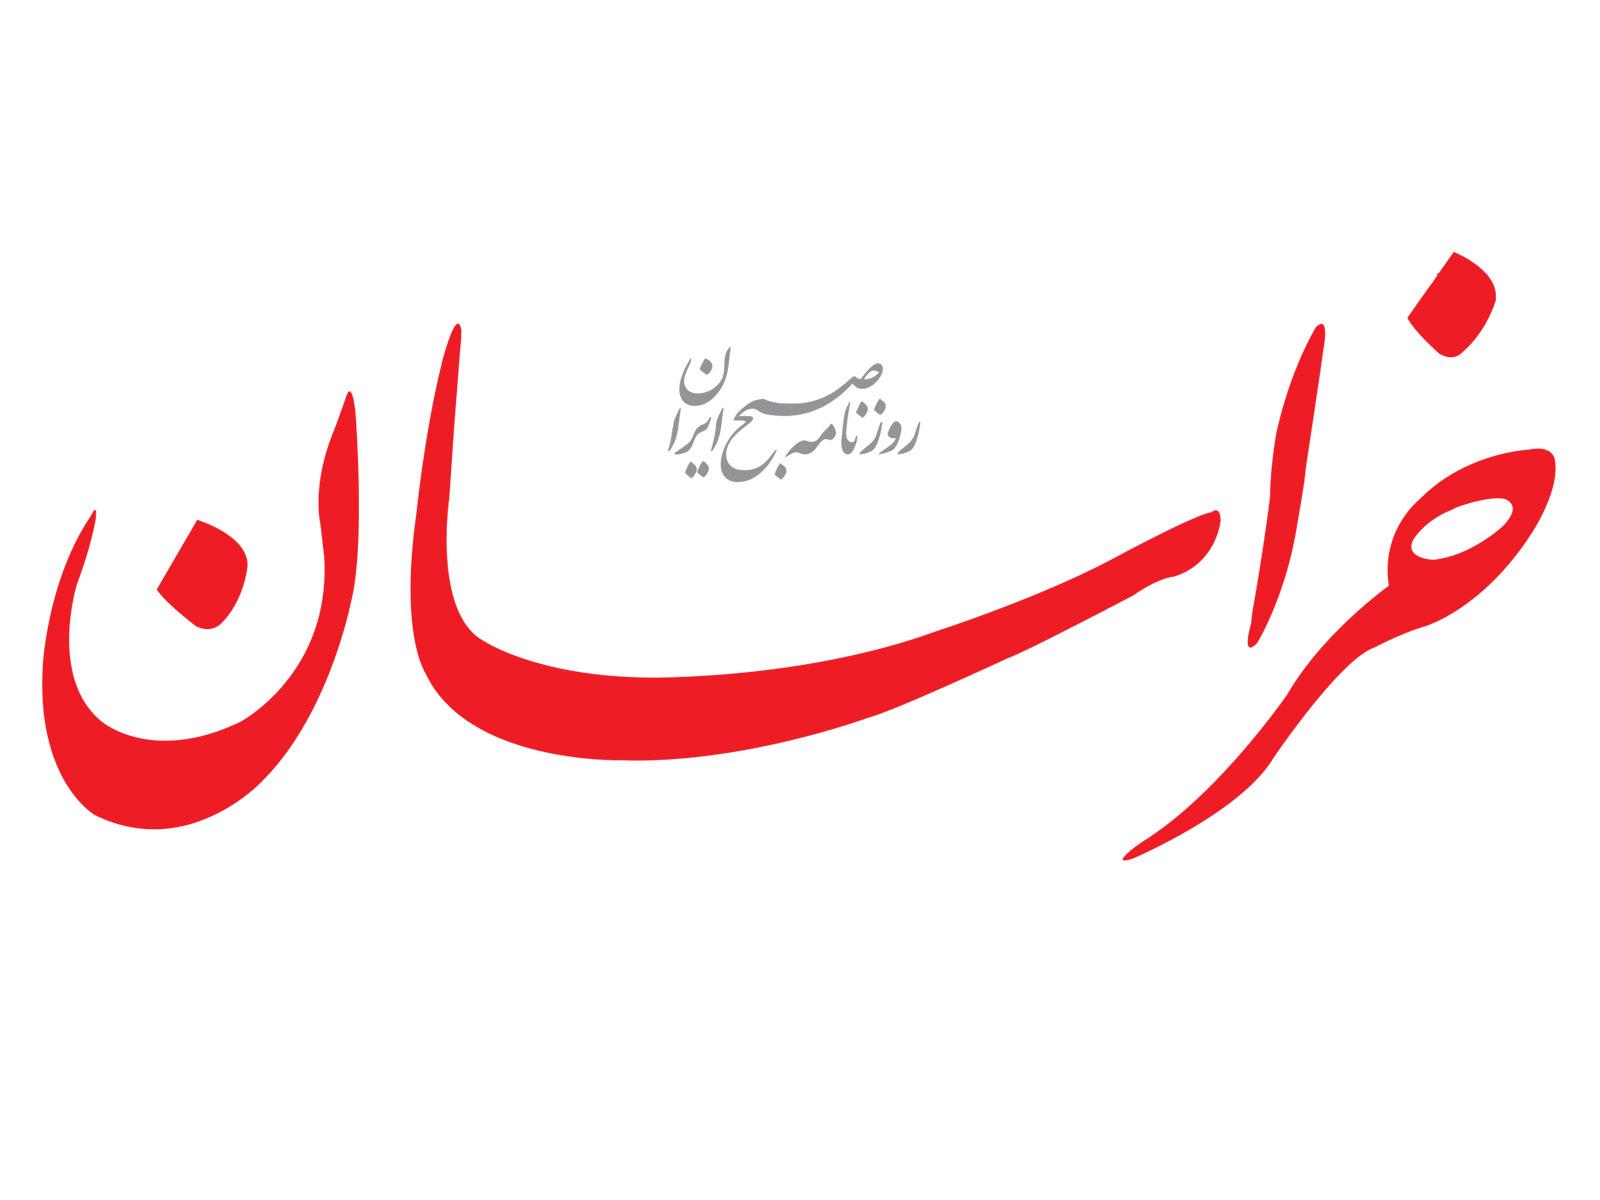 سرمقاله خراسان/ منطقه در فاز تفاهم؟